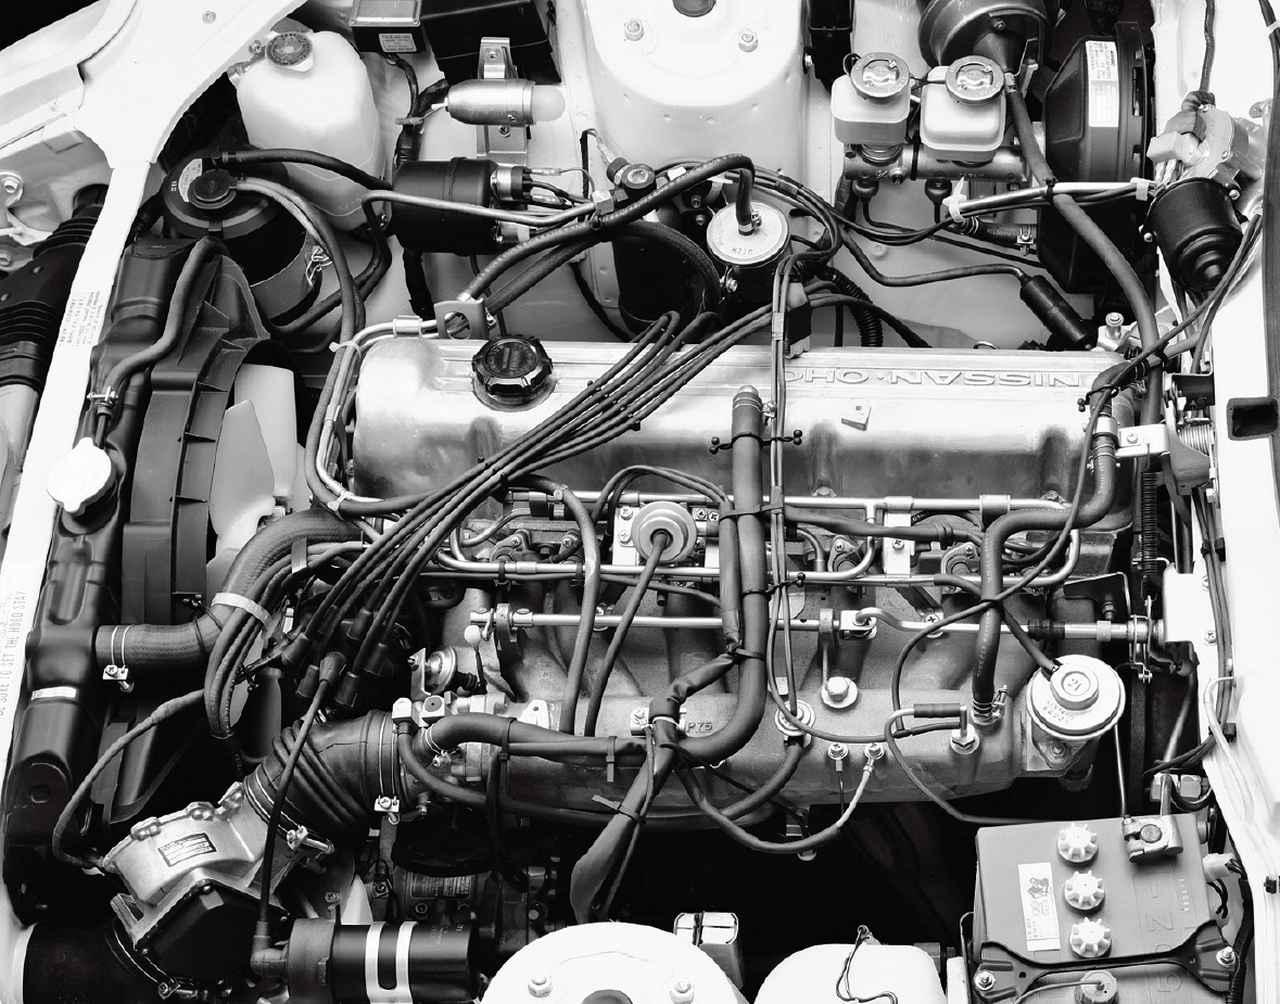 画像: L28E型エンジンはEGIとNAPSの組み合わせで53年規制をクリア。145ps/23.0kgmを発生する。